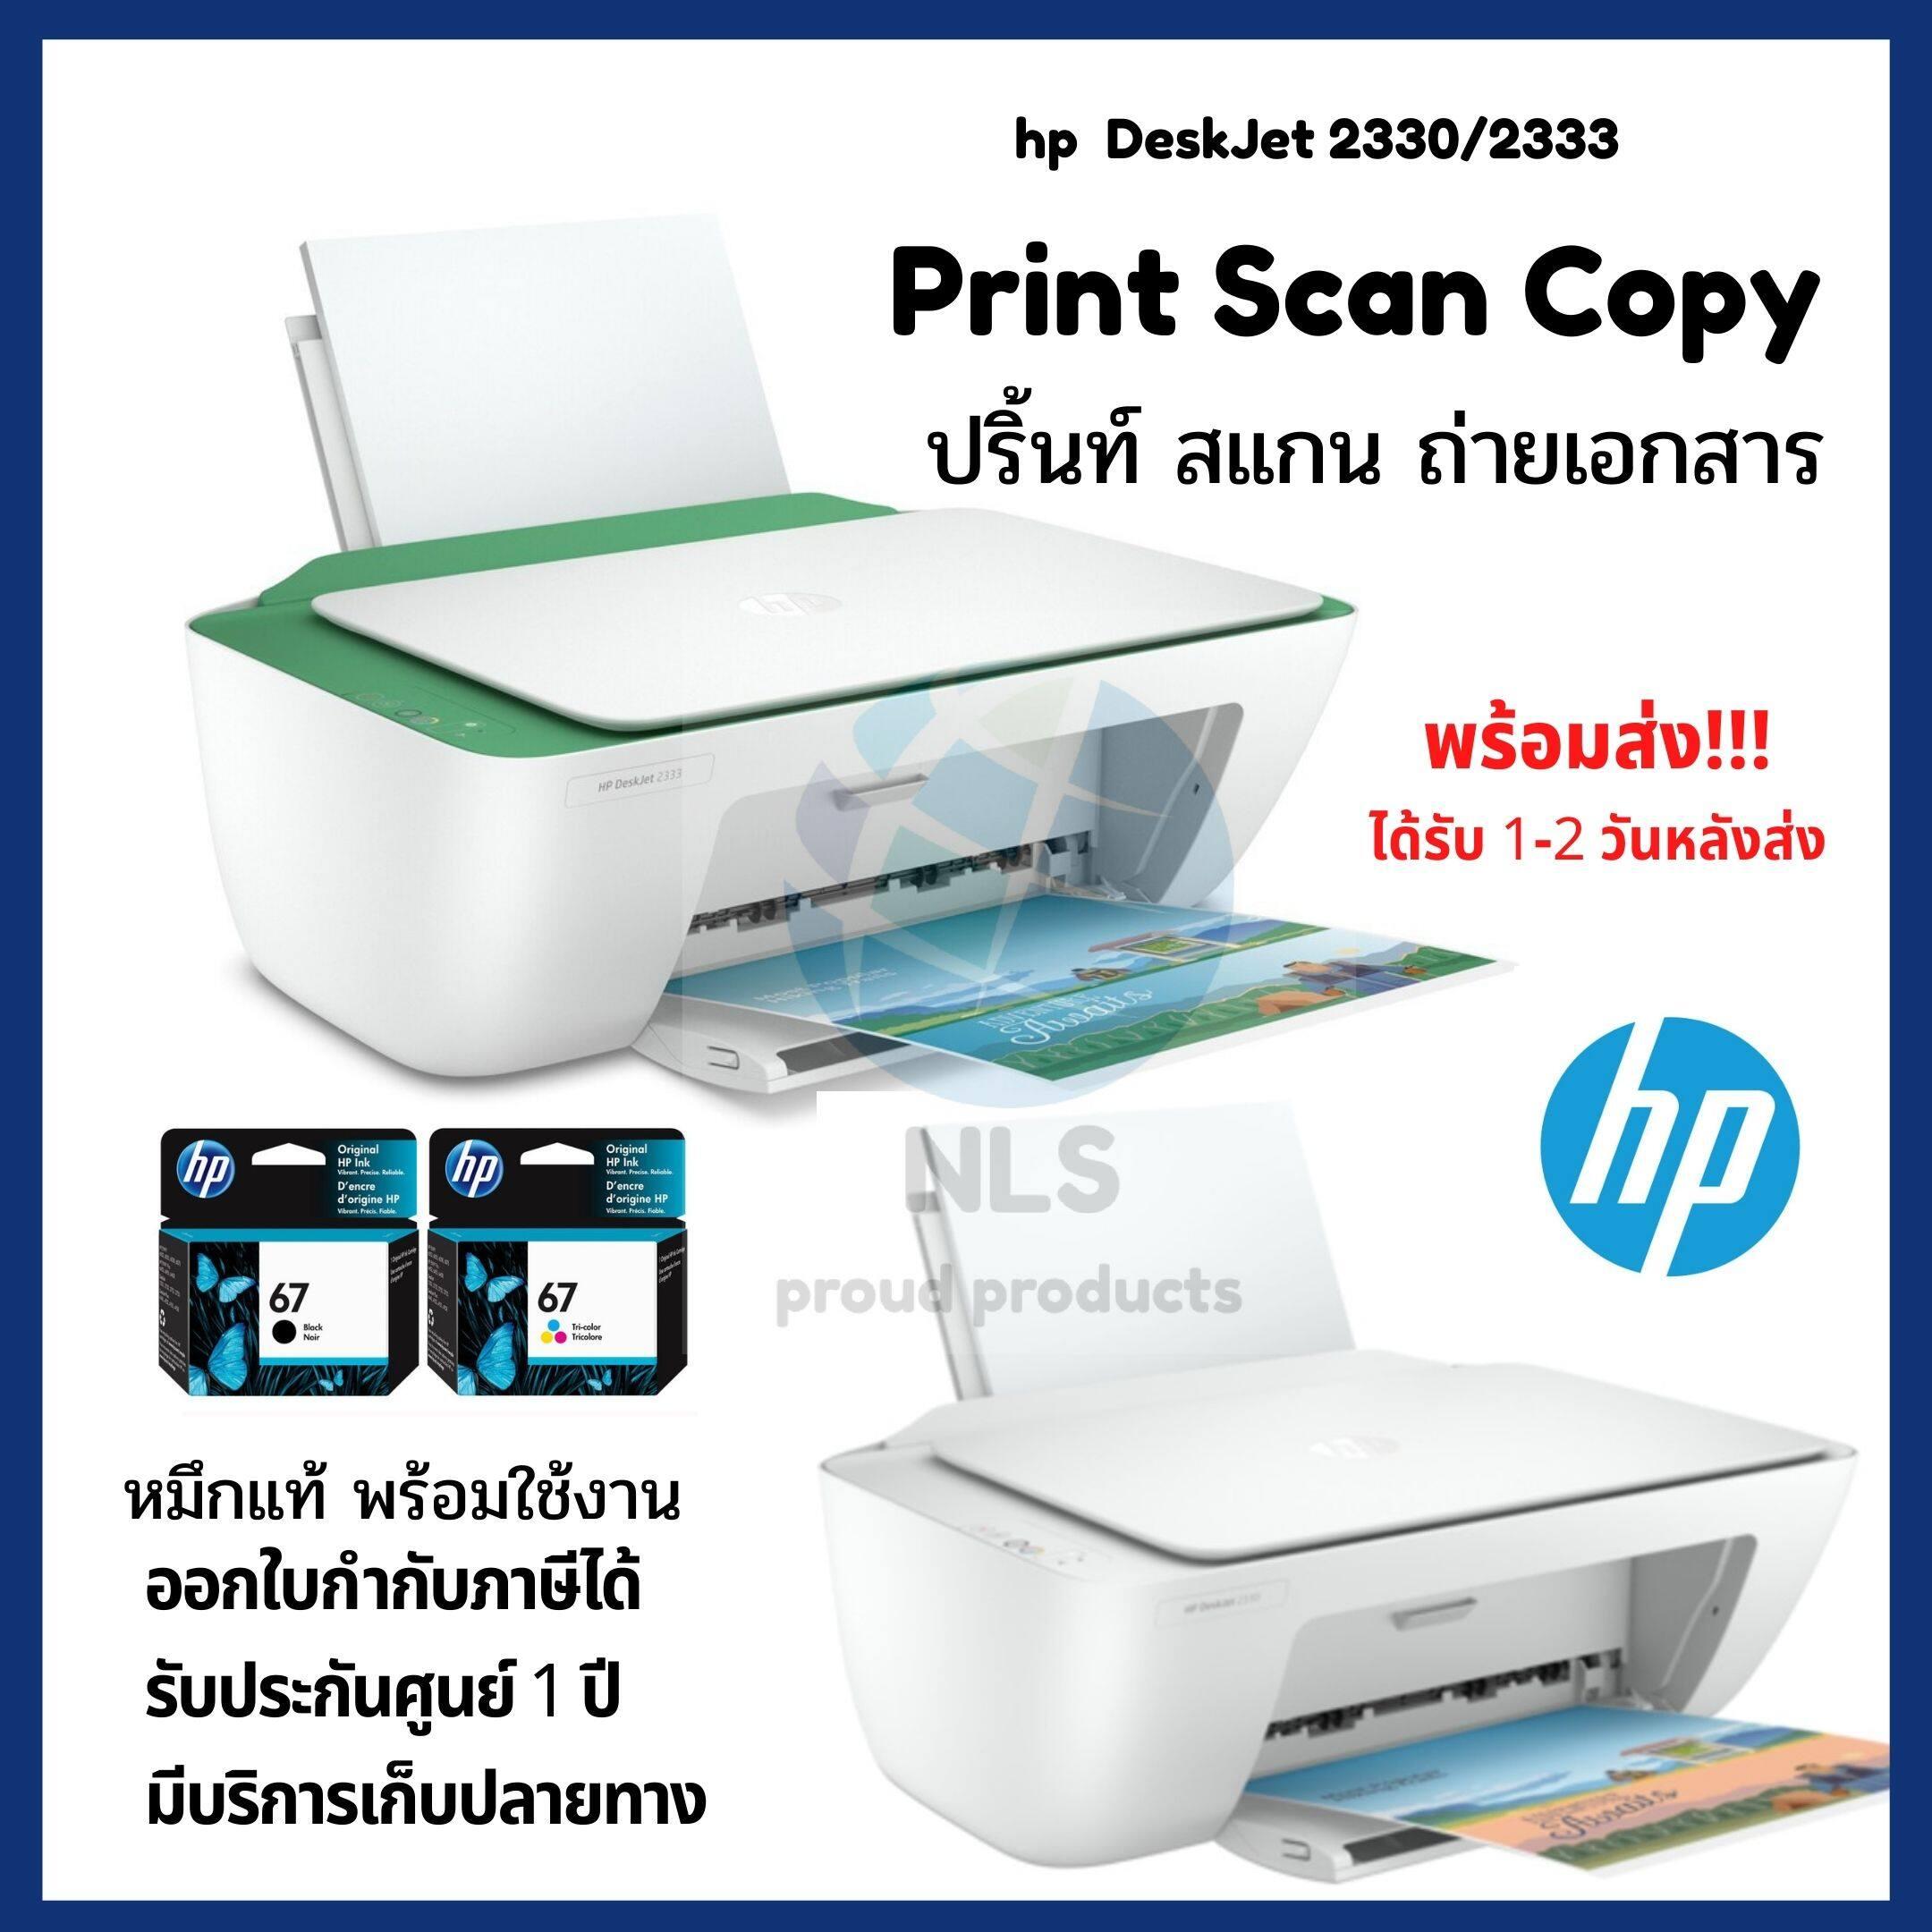 เครื่องพิมพ์ Hp Deskjet All-In-One มาพร้อมฟังก์ชันการพิมพ์ สแกน ถ่ายเอกสาร ออกใบกำกับภาษีได้ พร้อมหมึกแท้1ชุด Hp2330/2333.